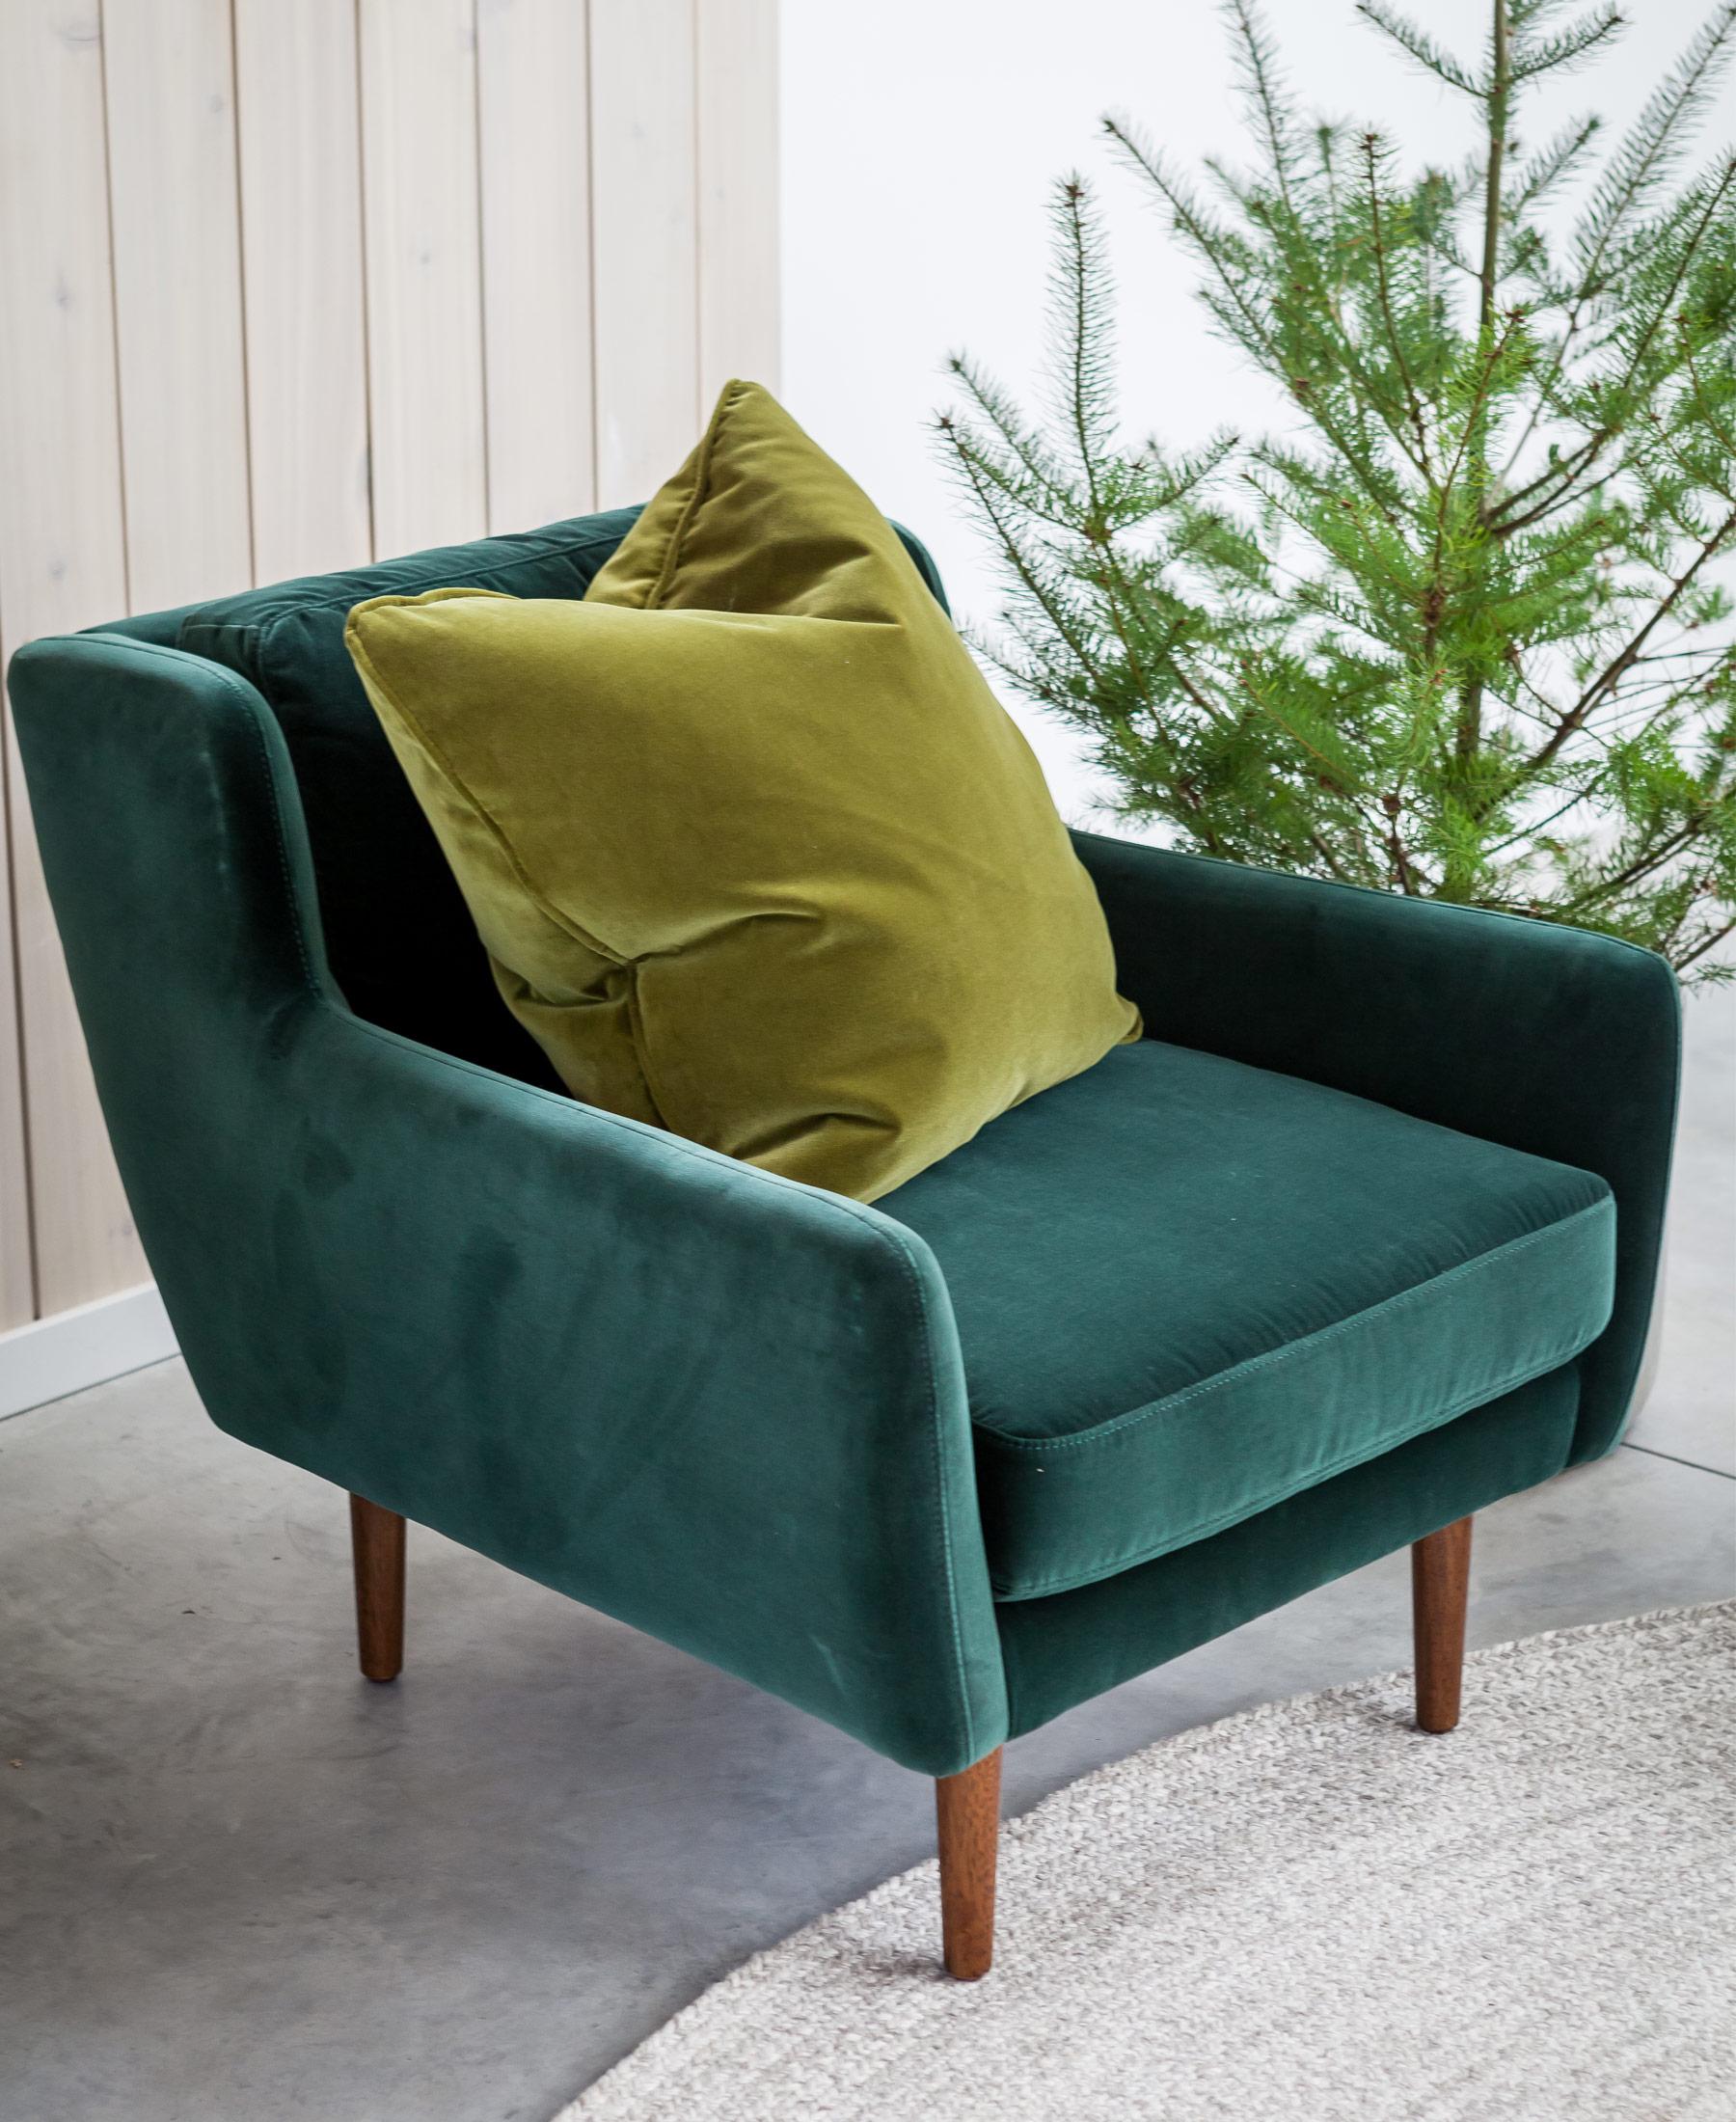 Green velvet pillow on a green velvet armchair.